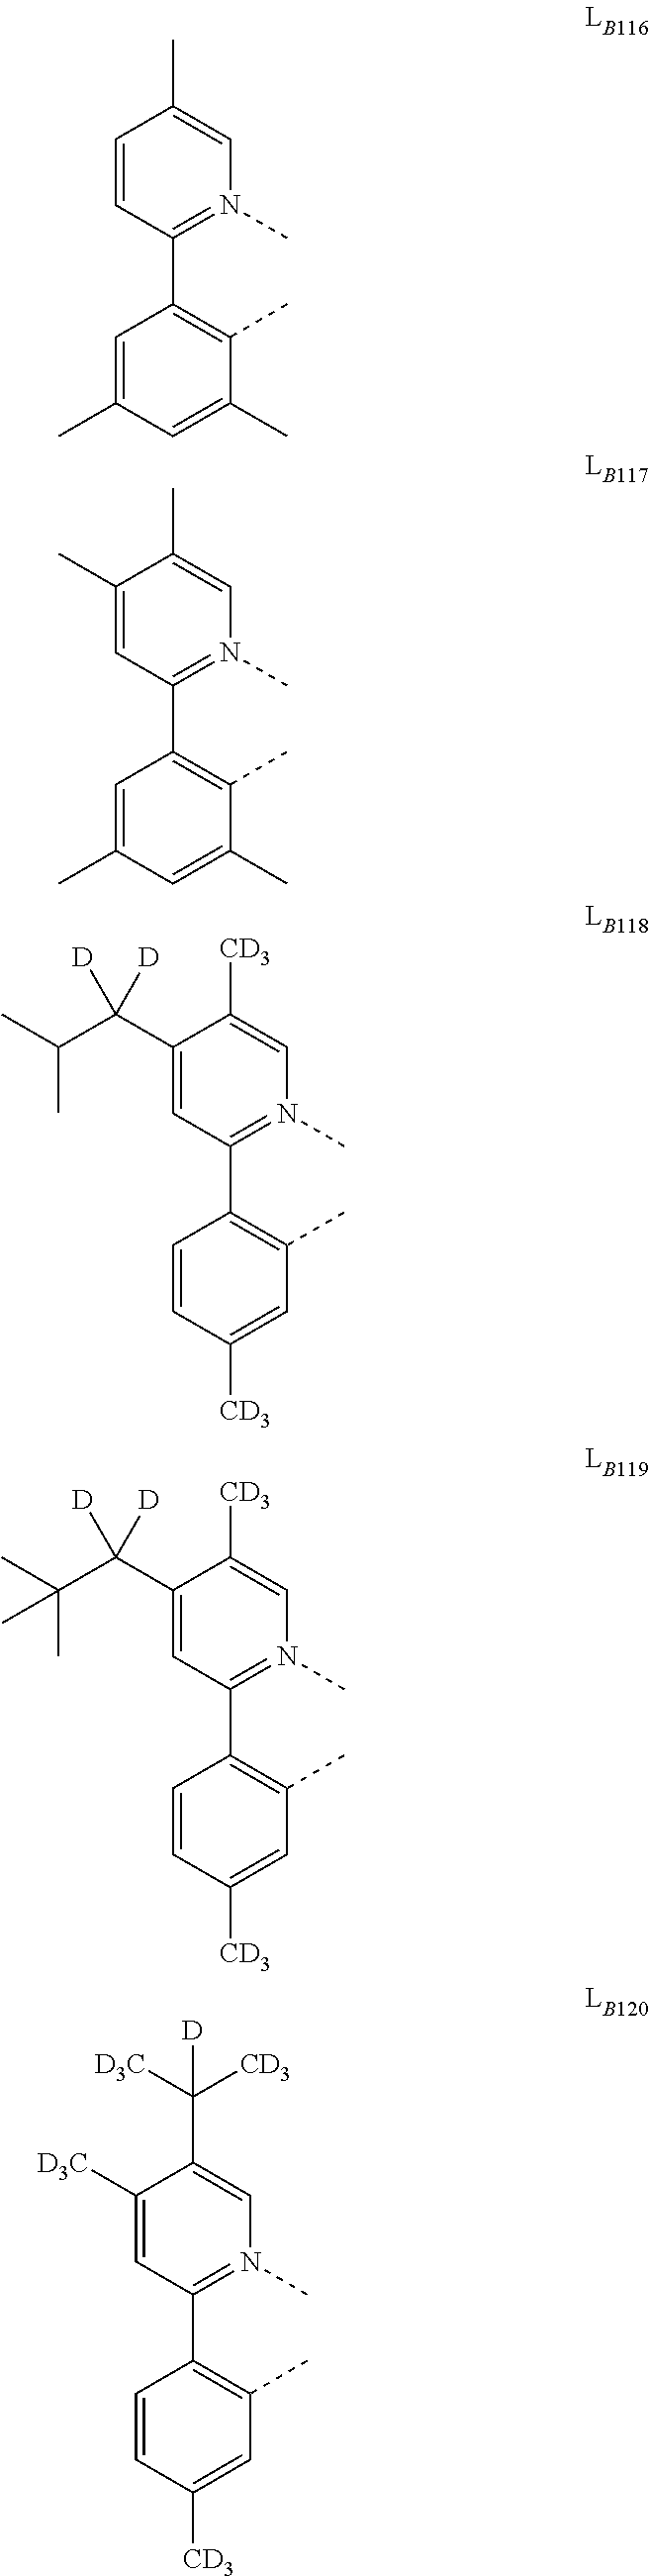 Figure US20180130962A1-20180510-C00088